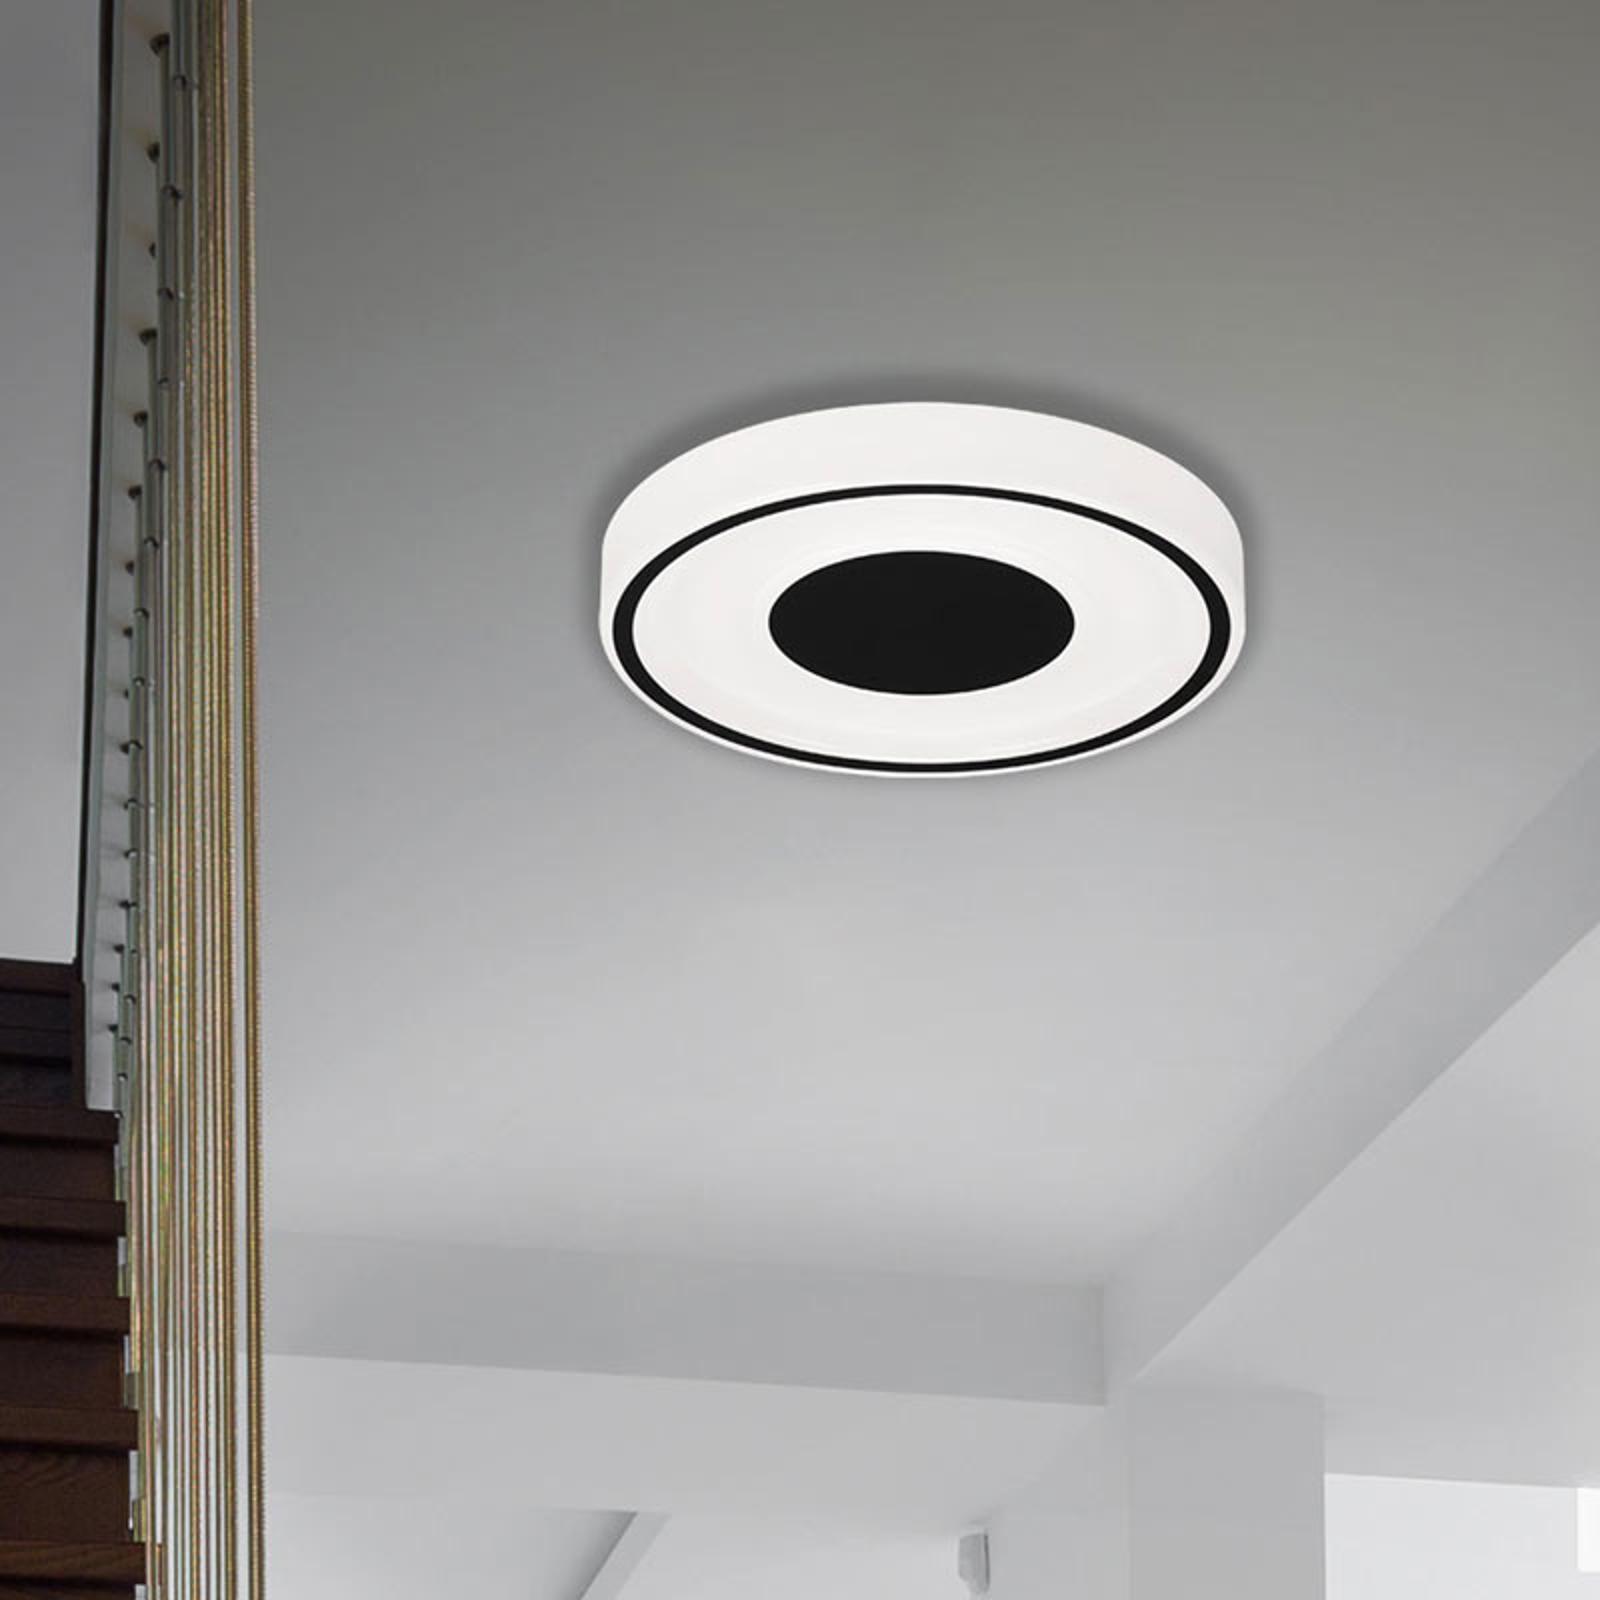 LED-kattovalaisin Bricks, pyöreä, musta